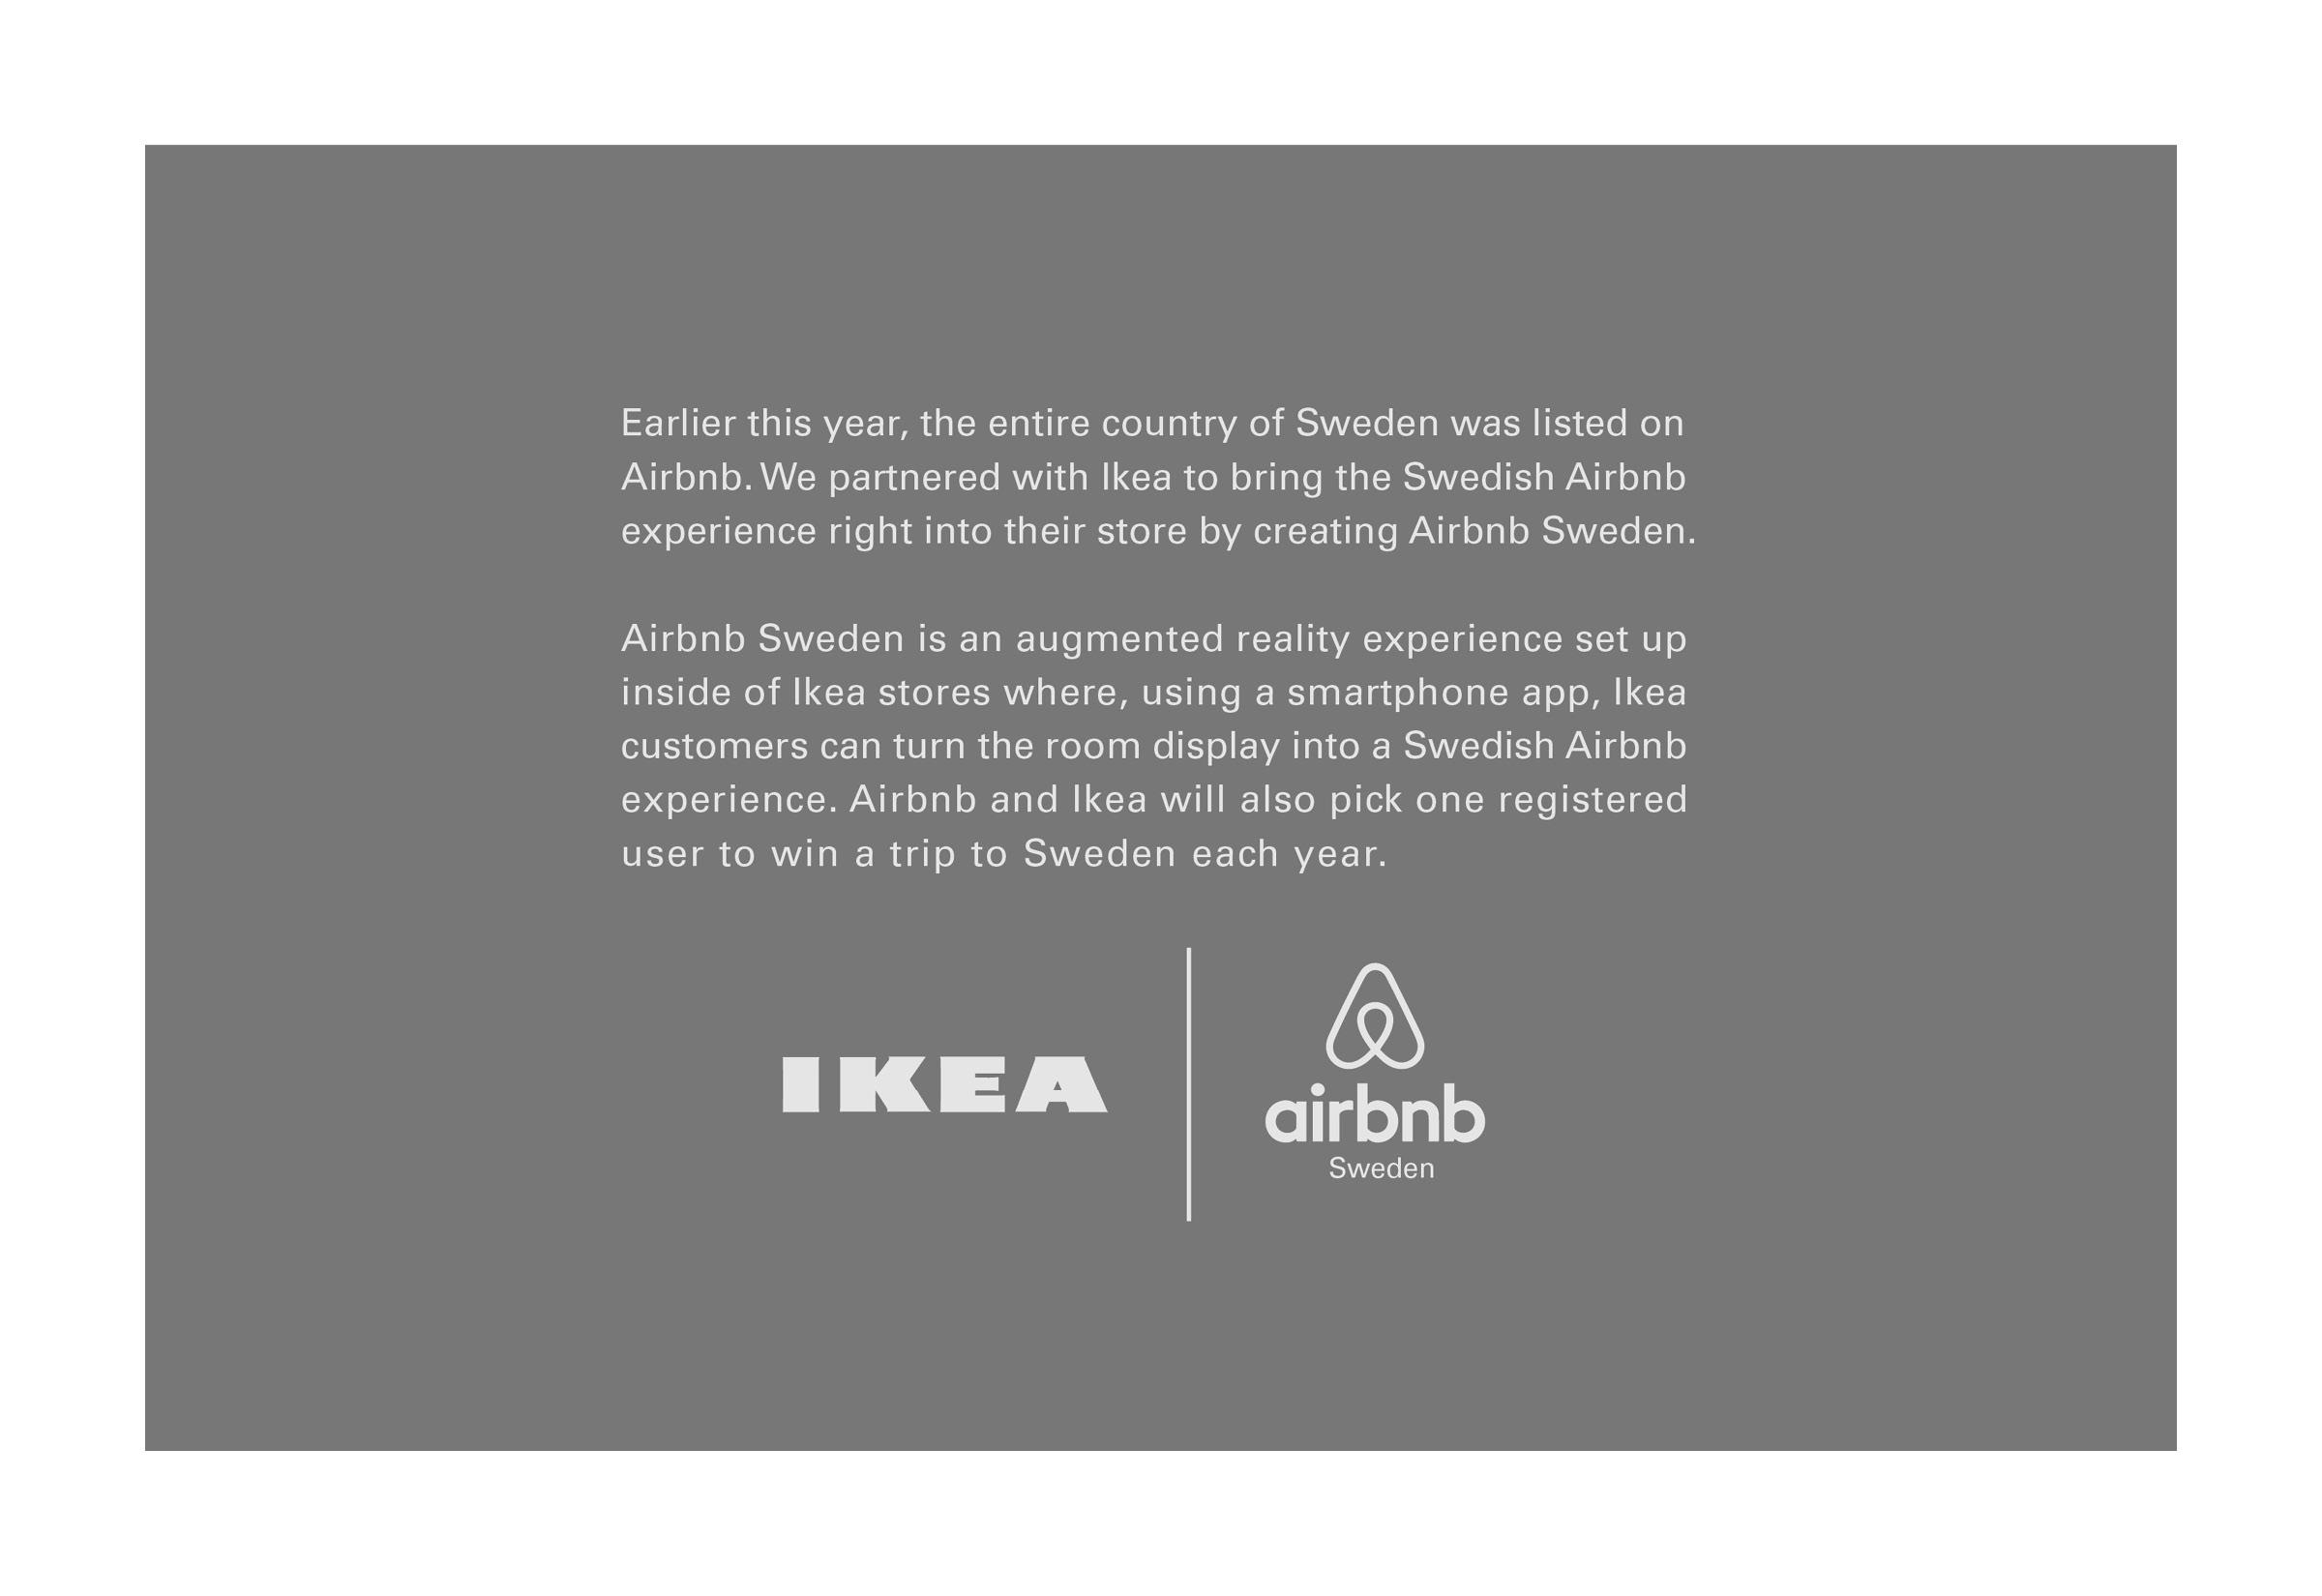 airbnb_Ikea_promo.jpg